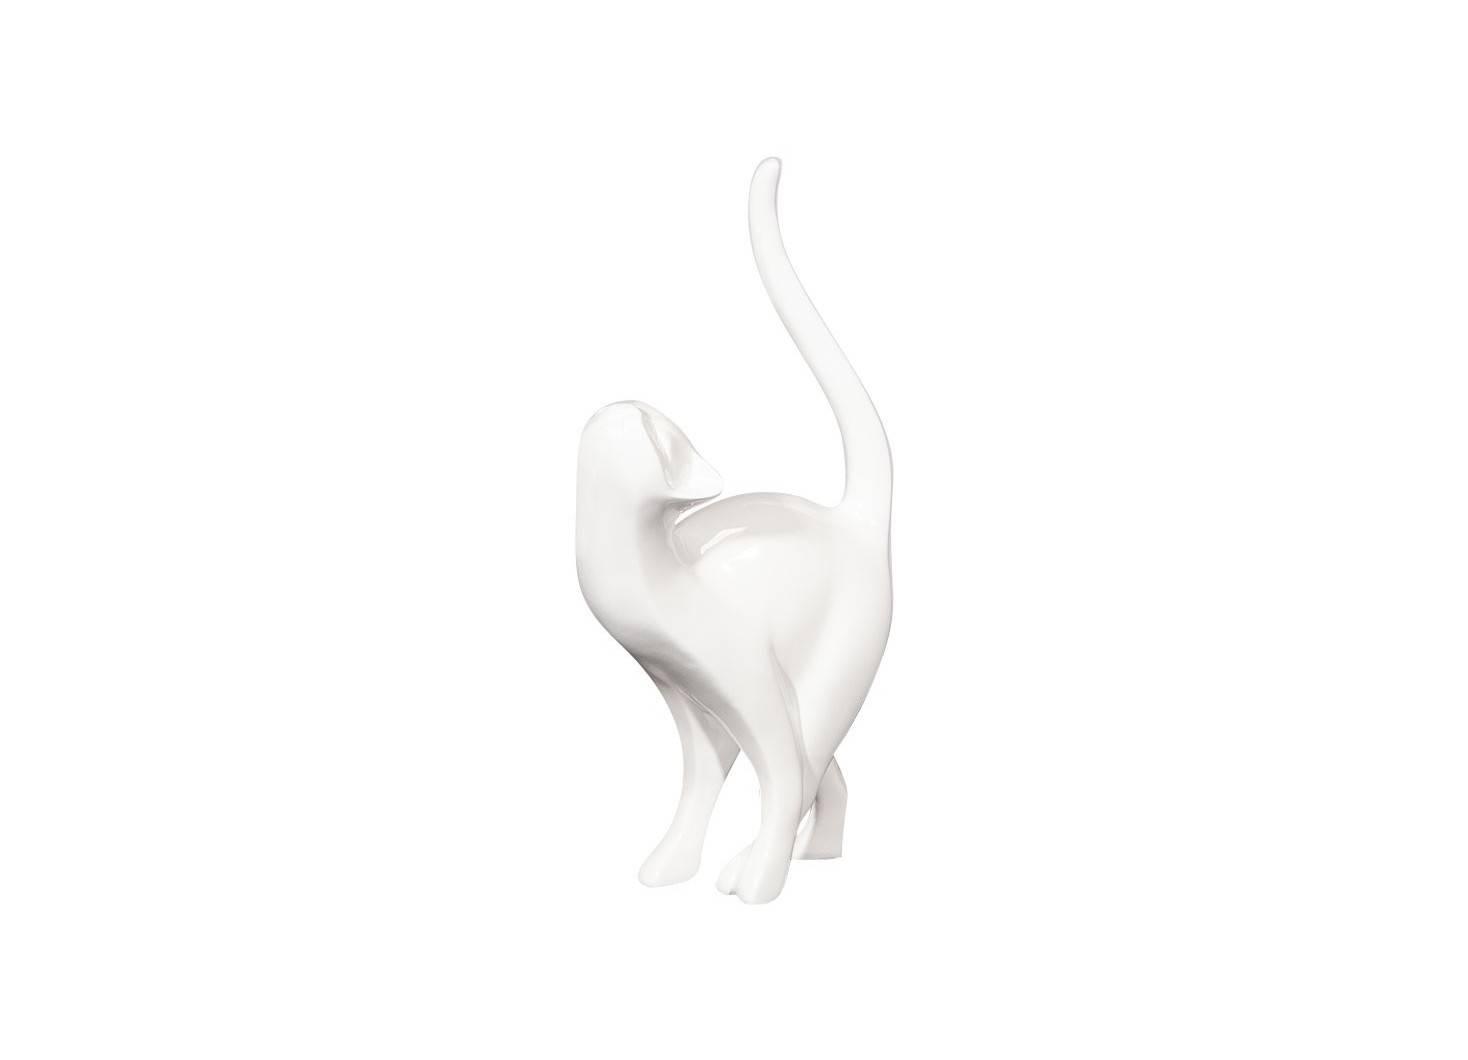 Statuette, Chat blanc en résine